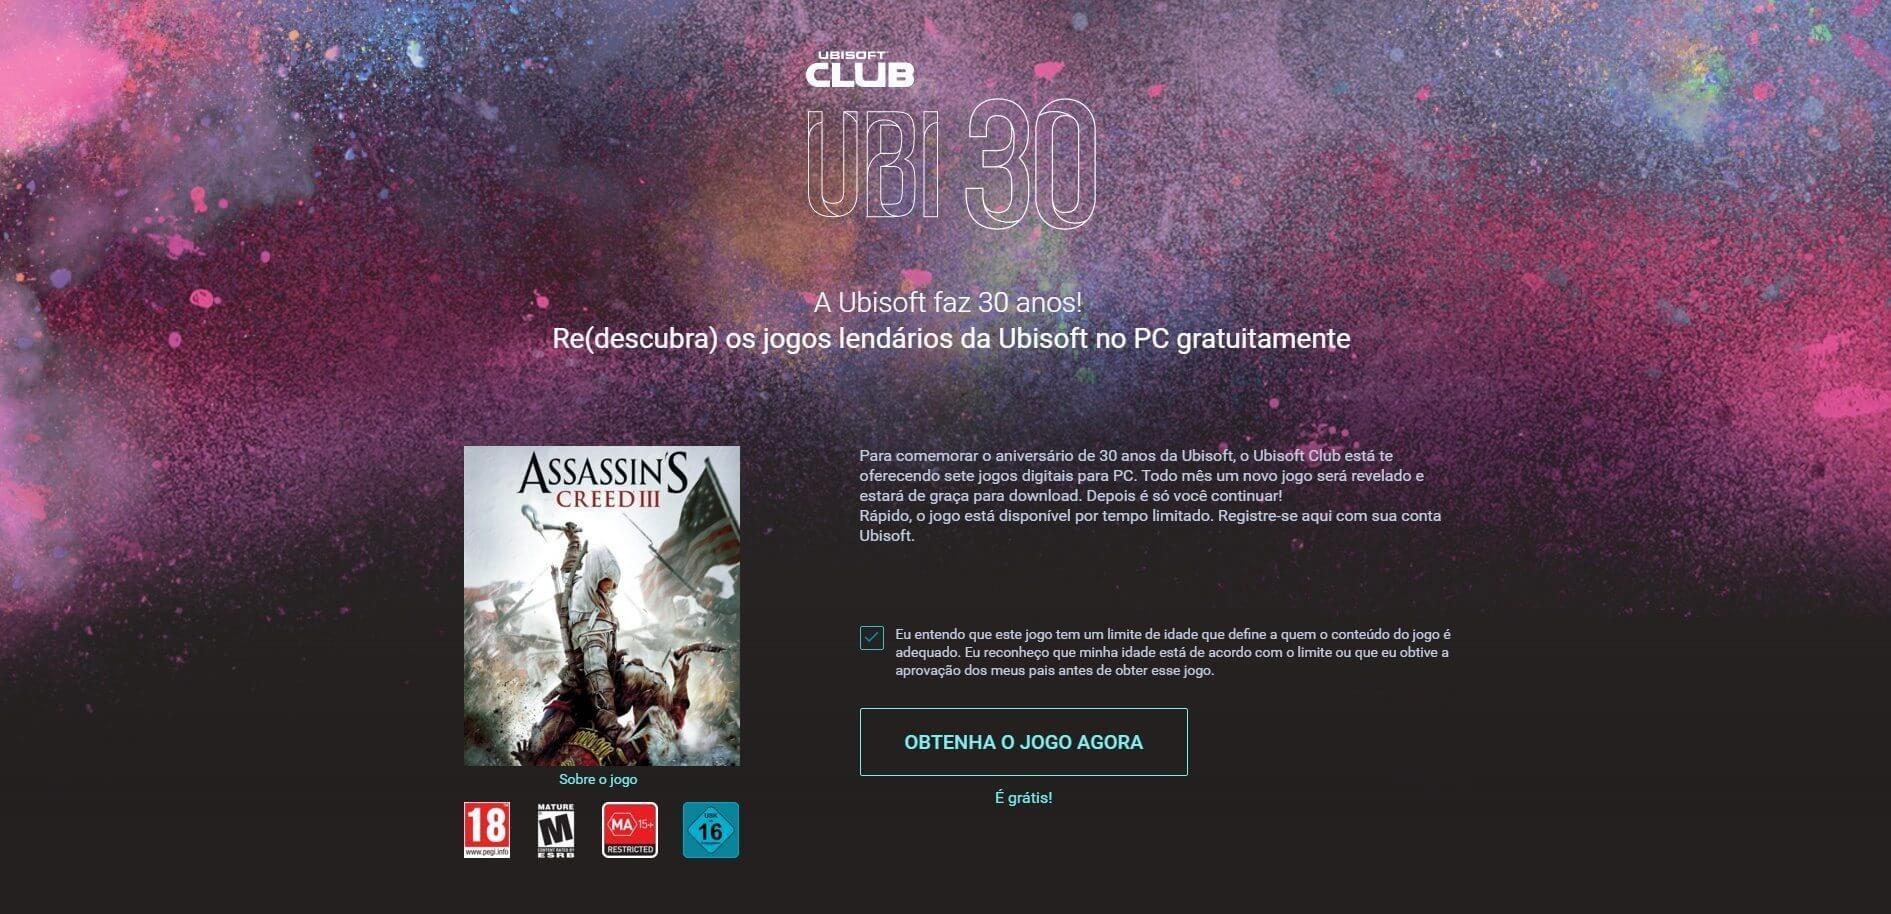 assassins-creed-iii-ubisoft-ubi-30